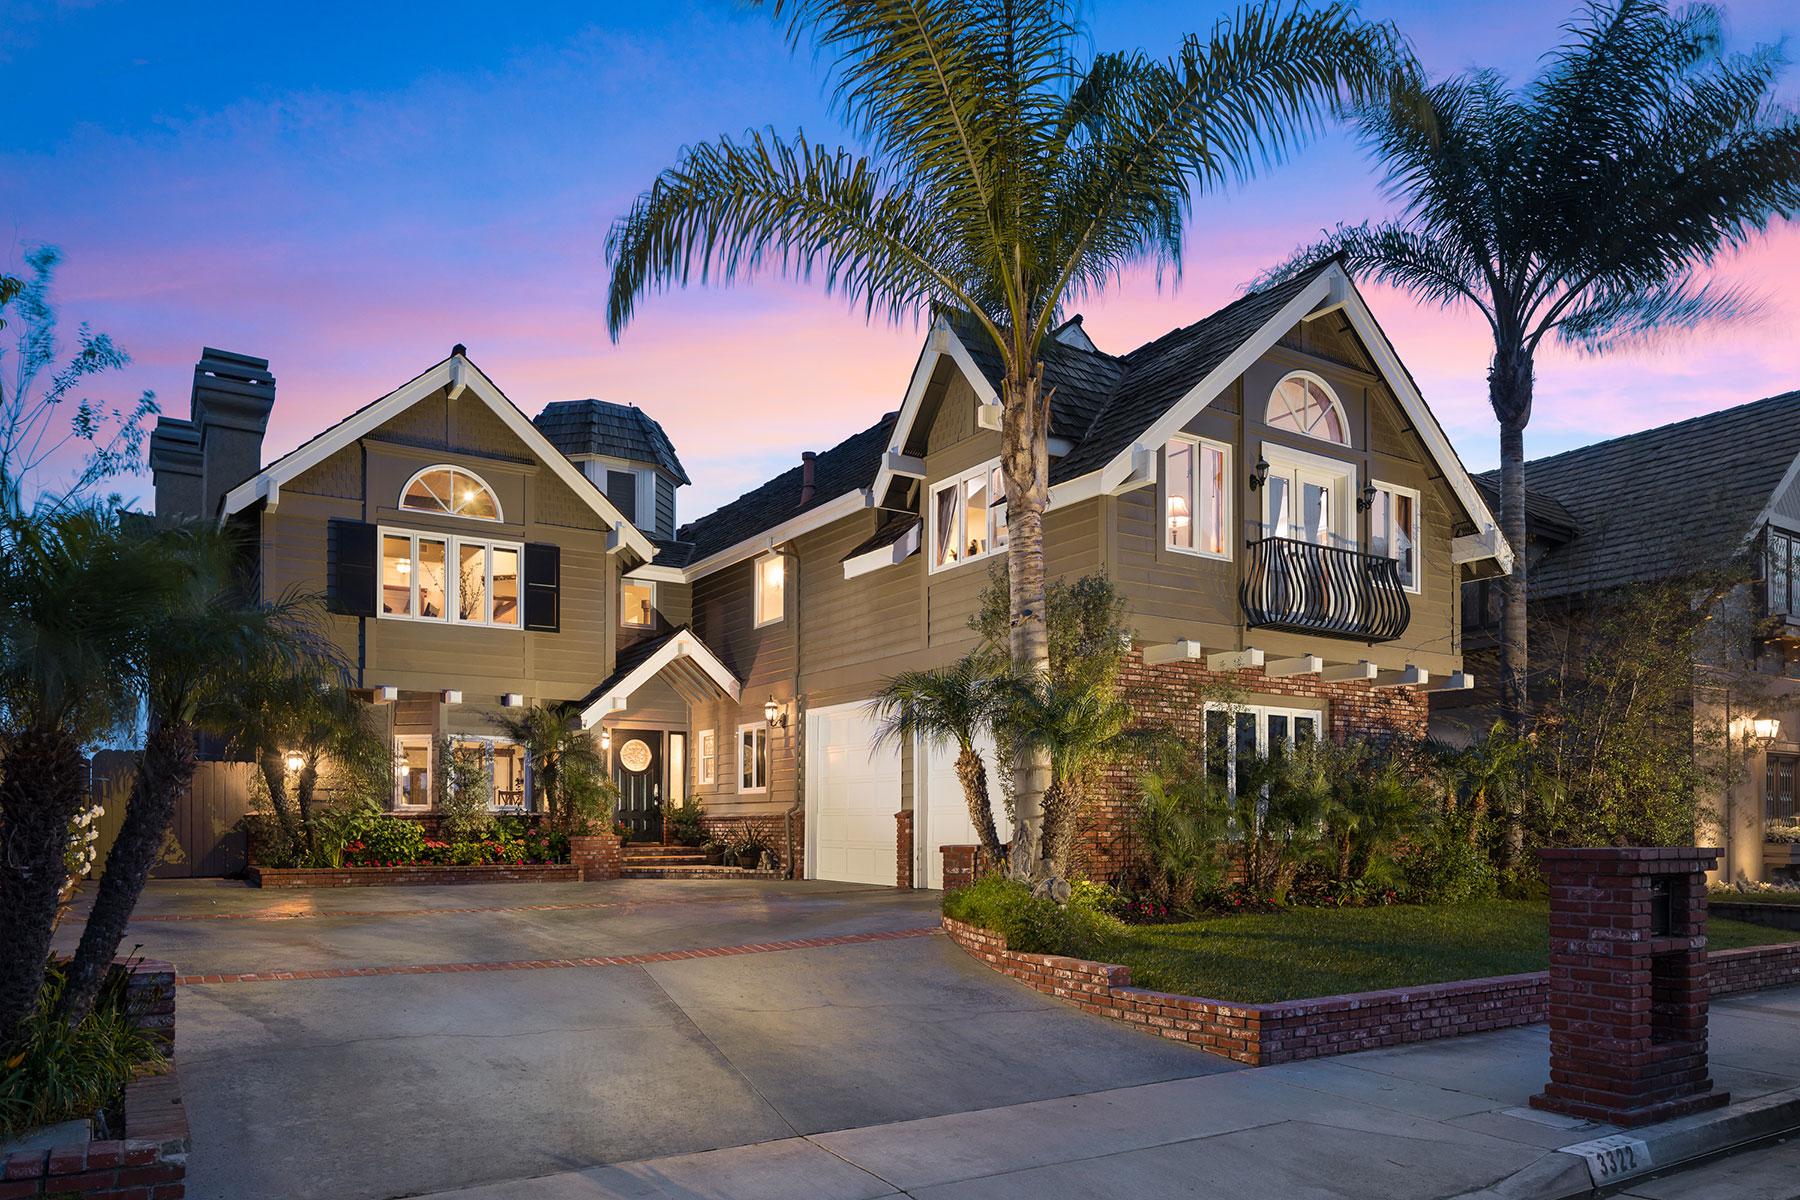 Частный односемейный дом для того Продажа на 3322 Venture Huntington Beach, Калифорния, 92649 Соединенные Штаты